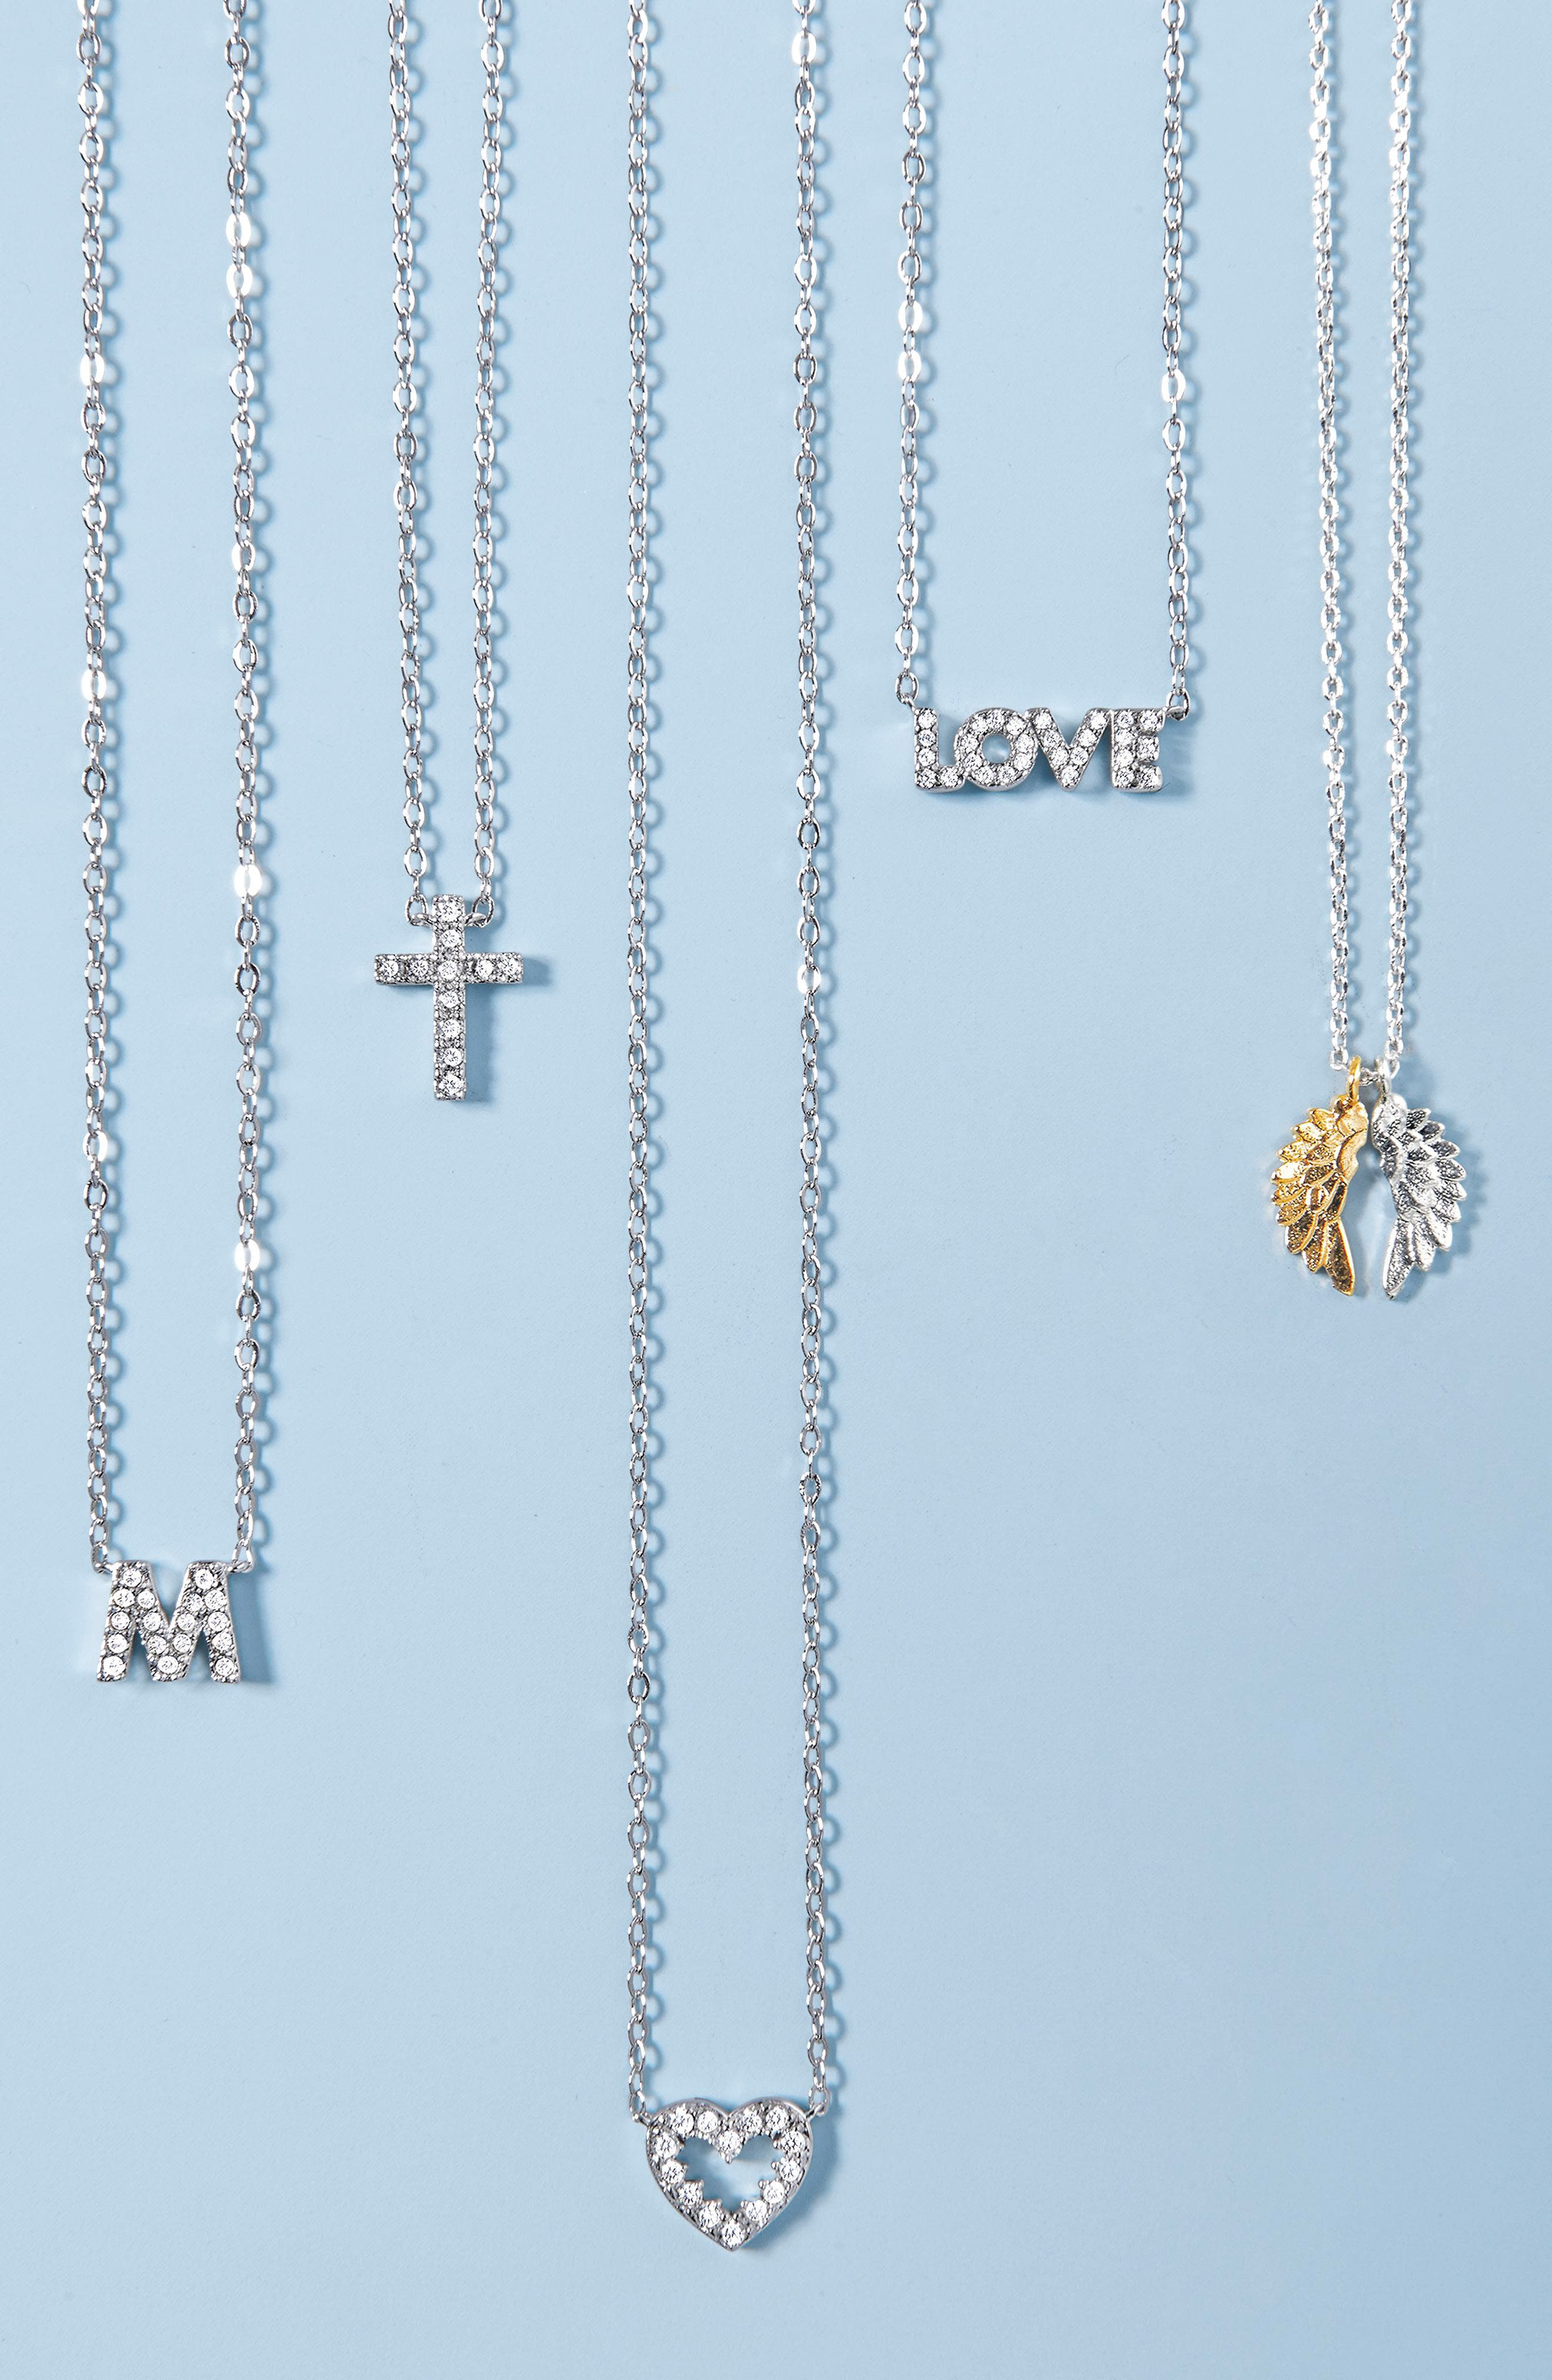 Sentimental Love Pendant Necklace,                             Alternate thumbnail 3, color,